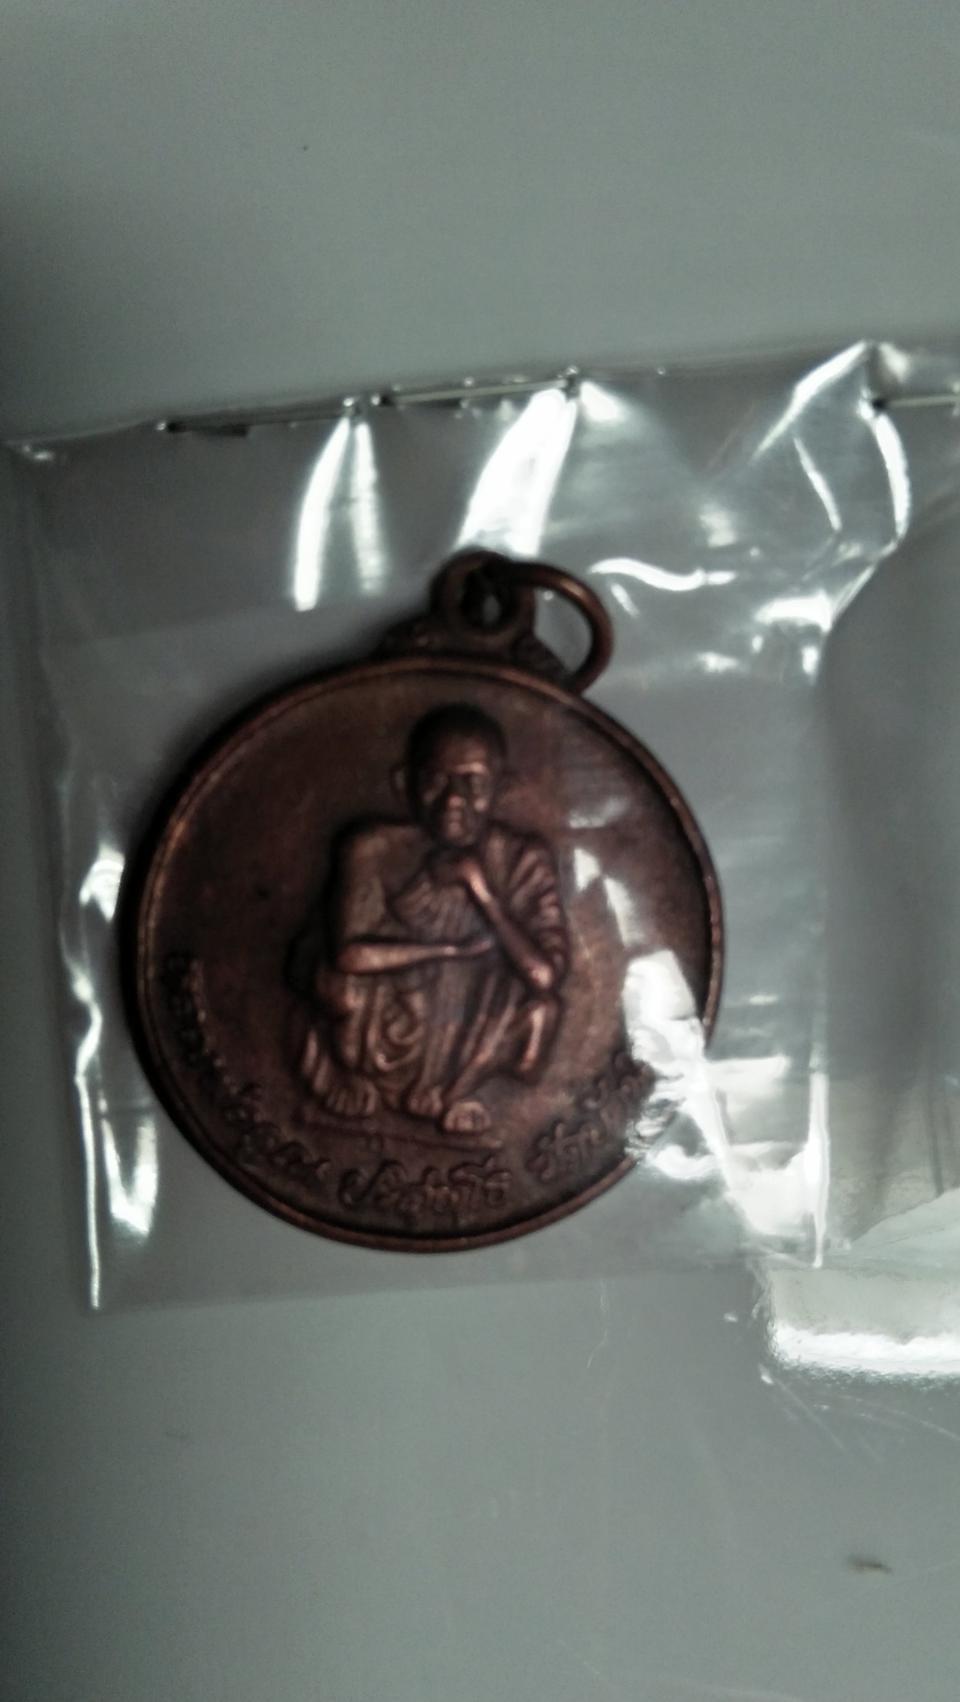 พระเหรียญหลวงพ่อคูณ และพระแขวนคอและเหรียญสิบหายาก 05 พระหลวง รูปที่ 1